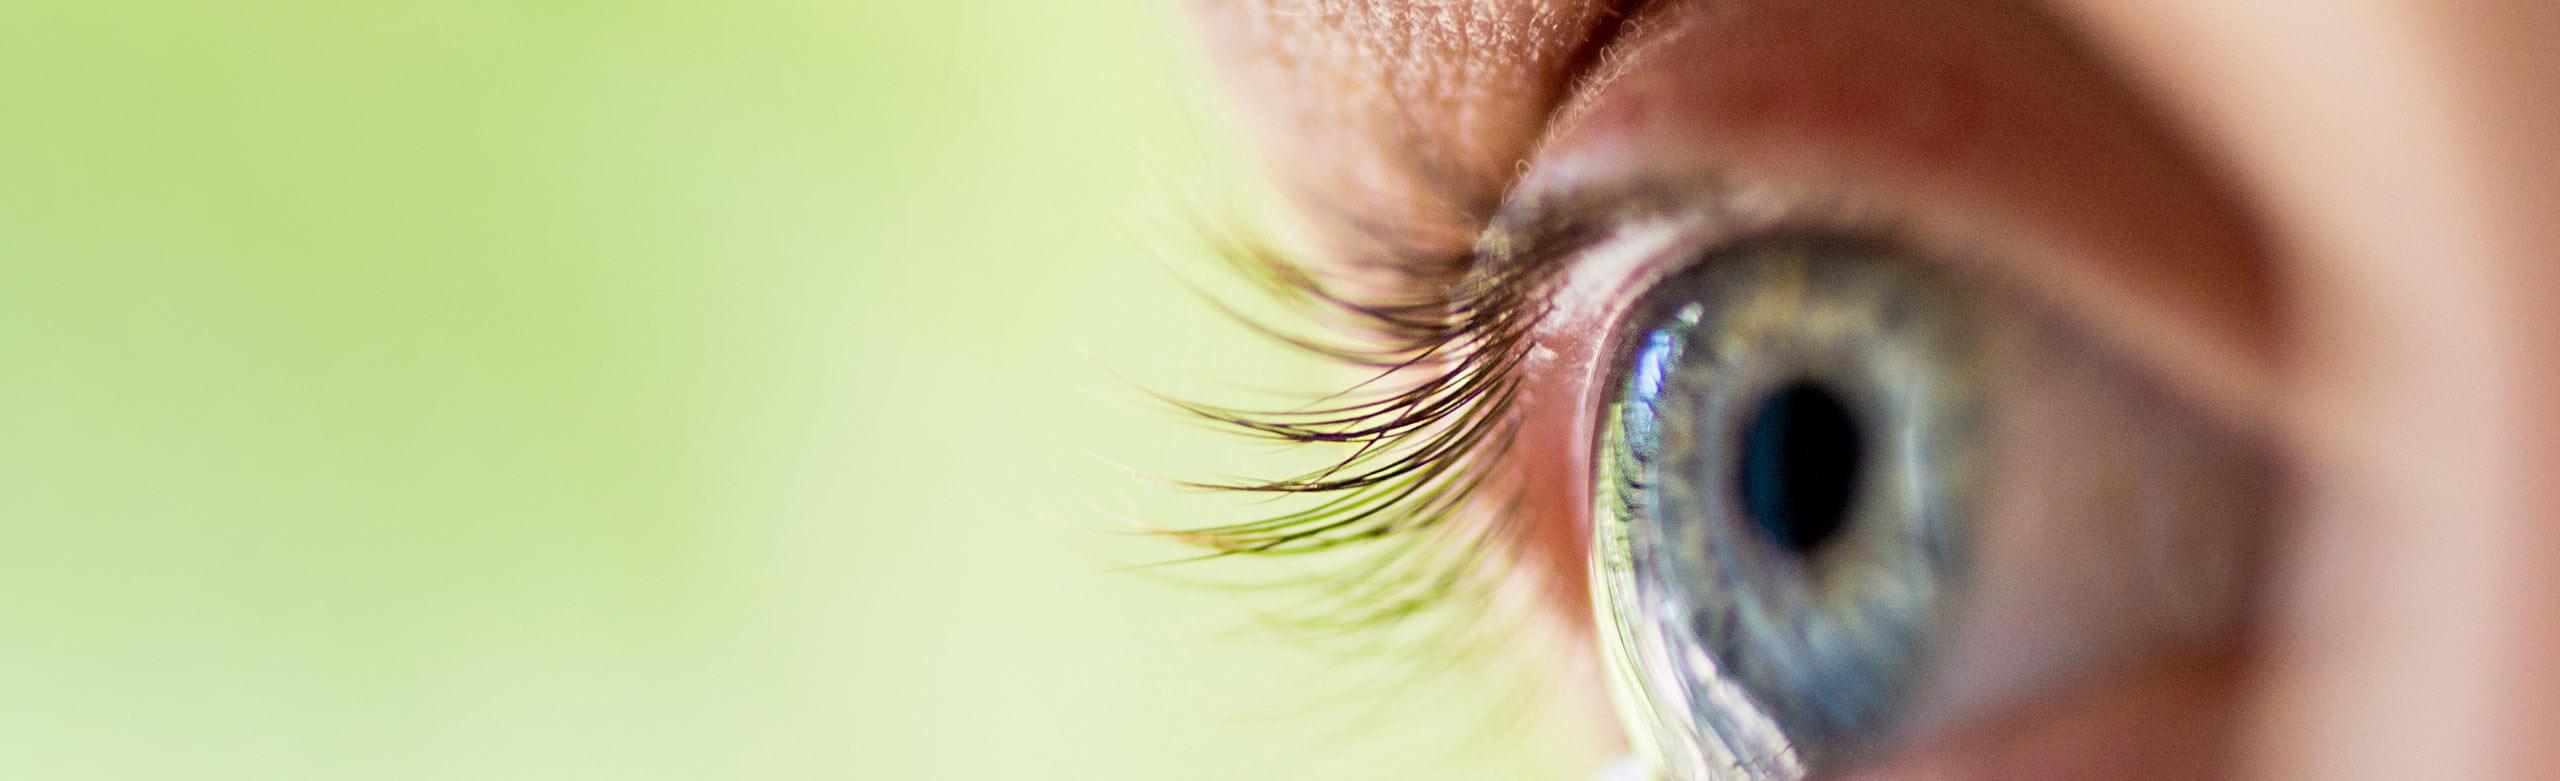 Close-up of an eye